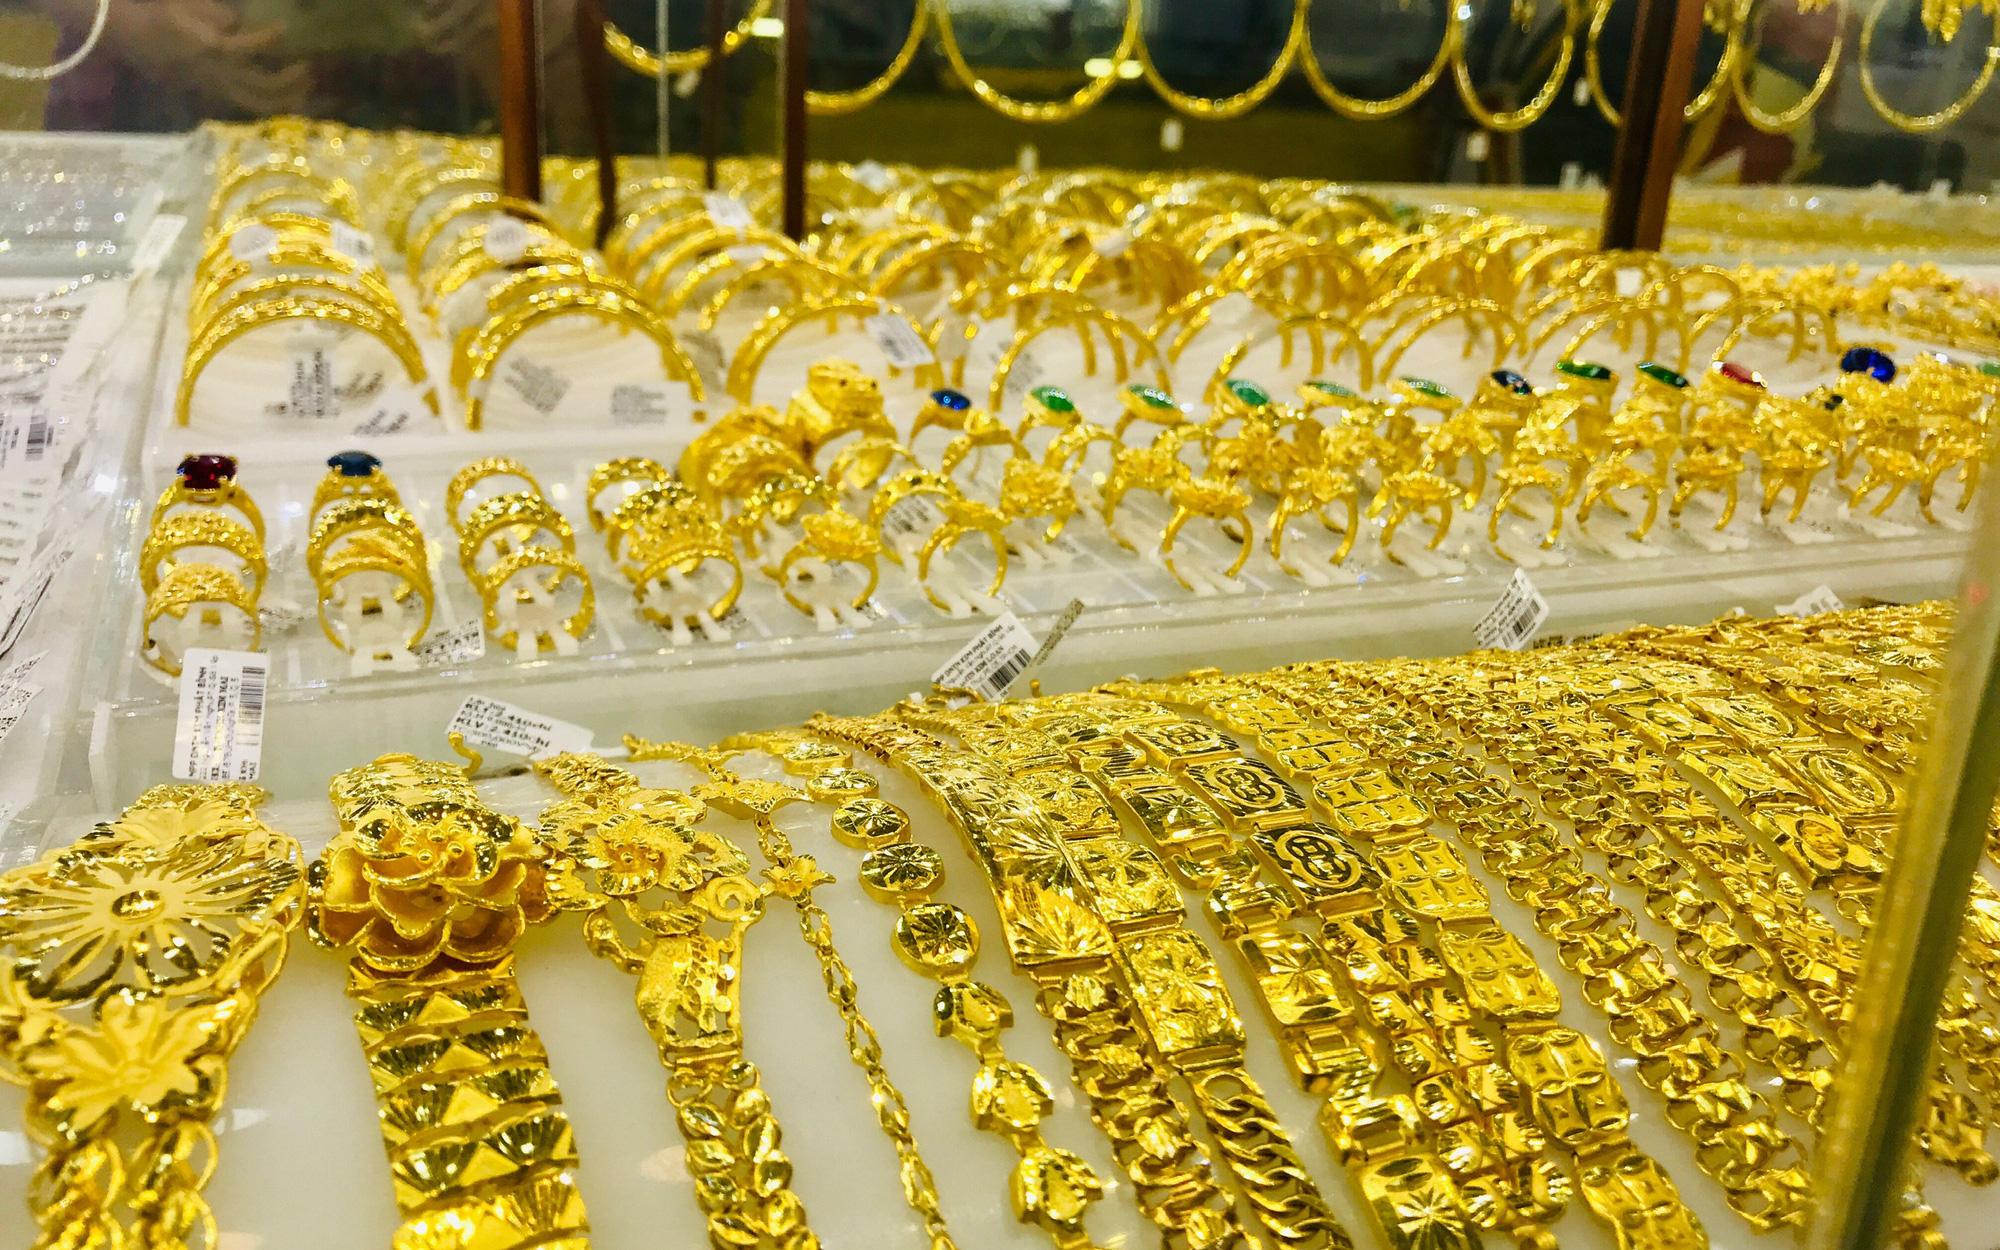 Giá vàng hôm nay 13/10: Tiếp tục tăng giá, vượt 58 triệu đồng/lượng